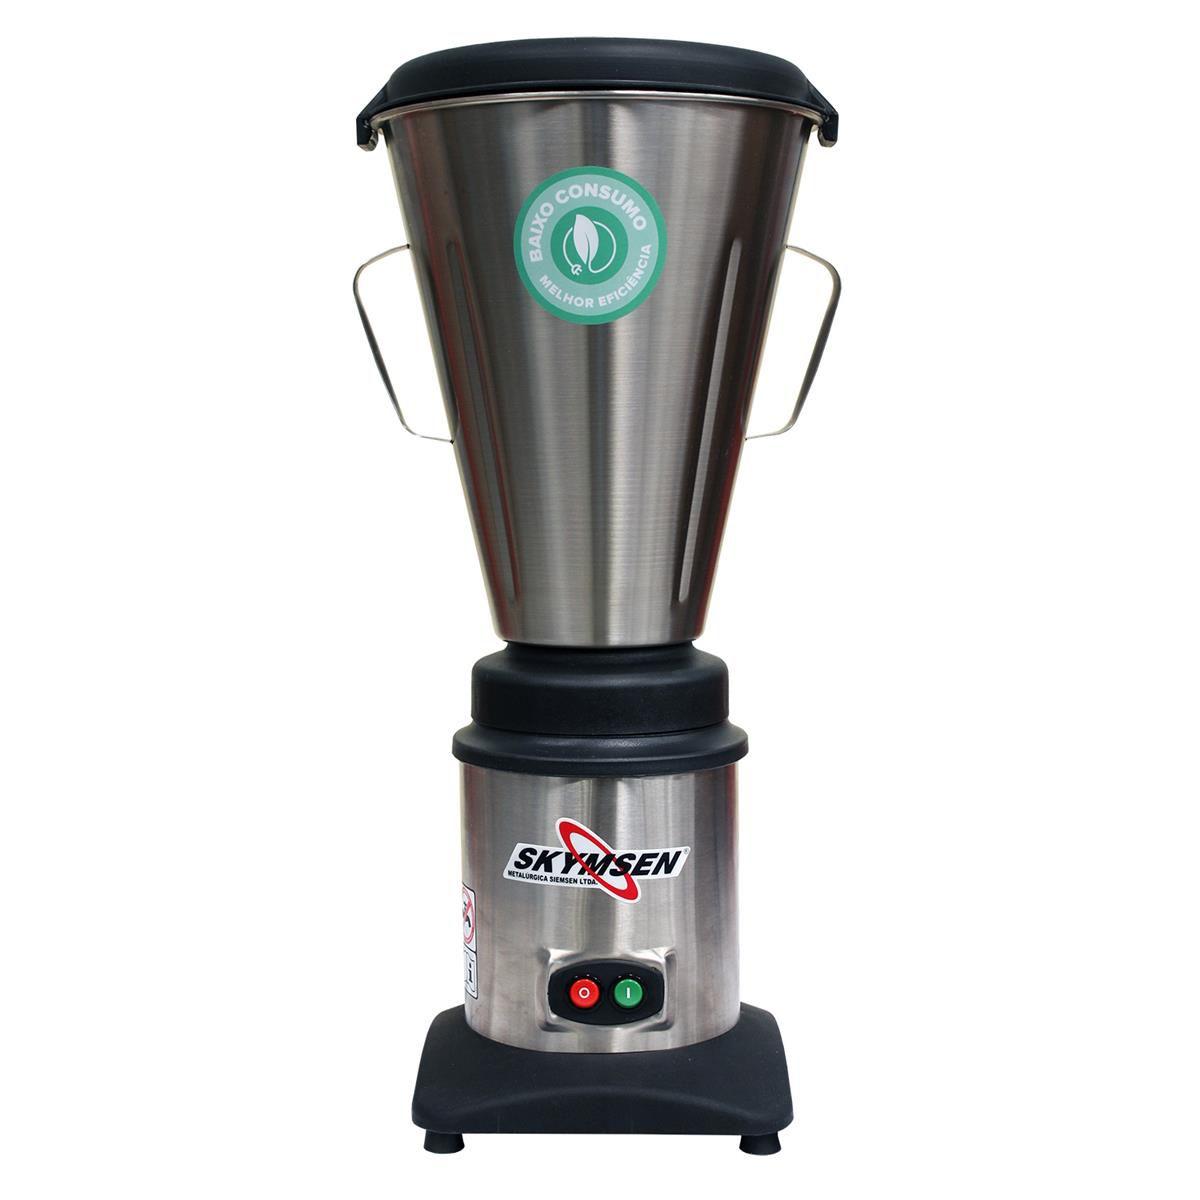 Liquidificador Comercial Inox Copo Monobloco Inox LC8 220v SKYMSEN